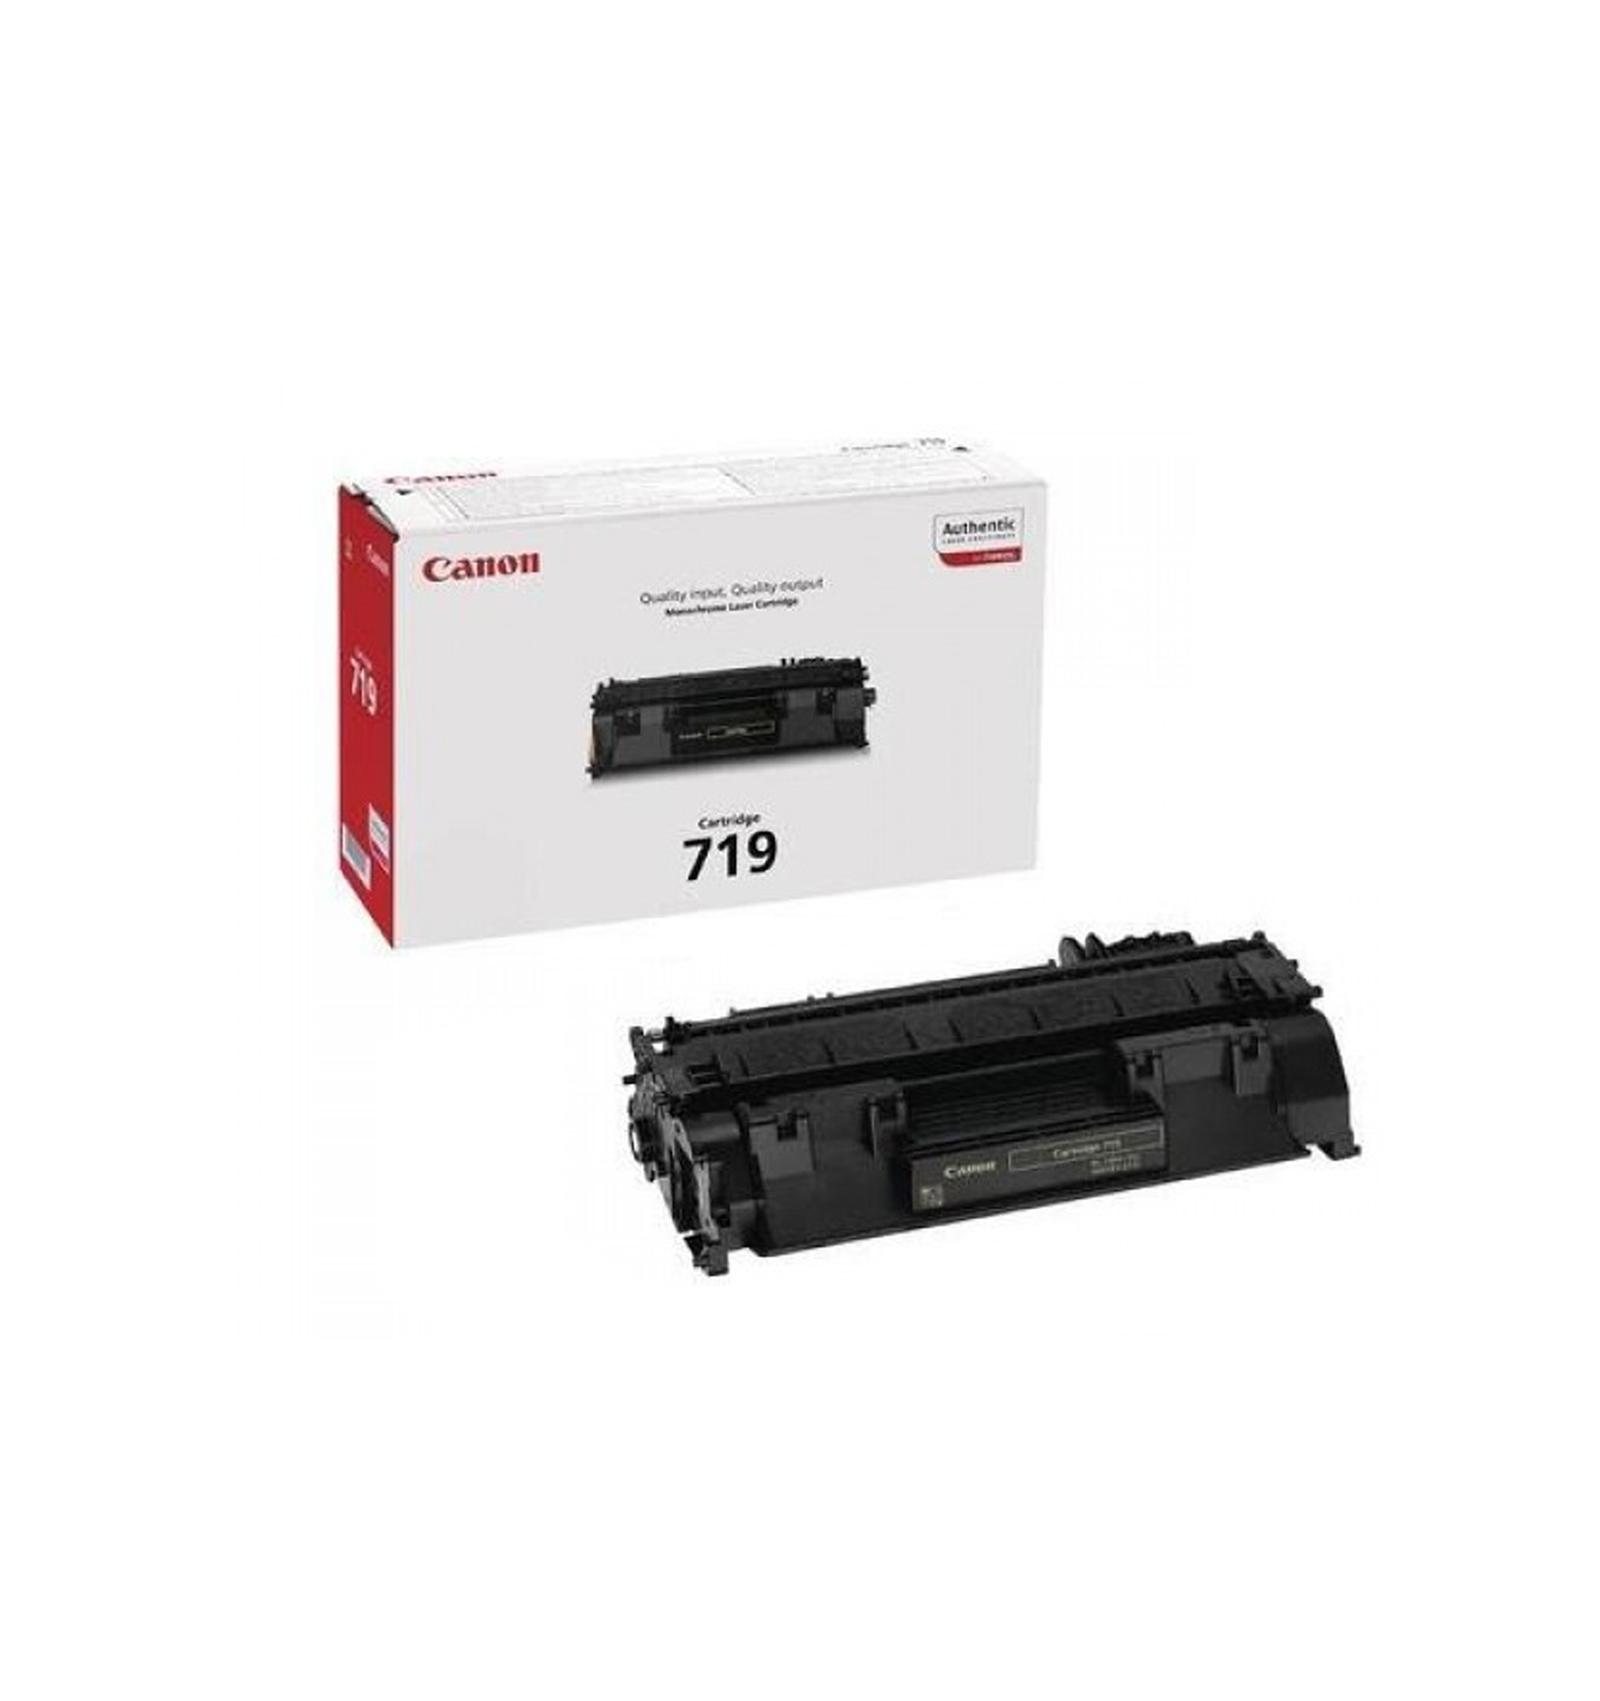 Заправка тонером картриджа Canon 719 для i-SENSYS LBP6300dn/LBP6310dn/ LBP6650dn/LBP6680x/MF5840dn/MF5880dn